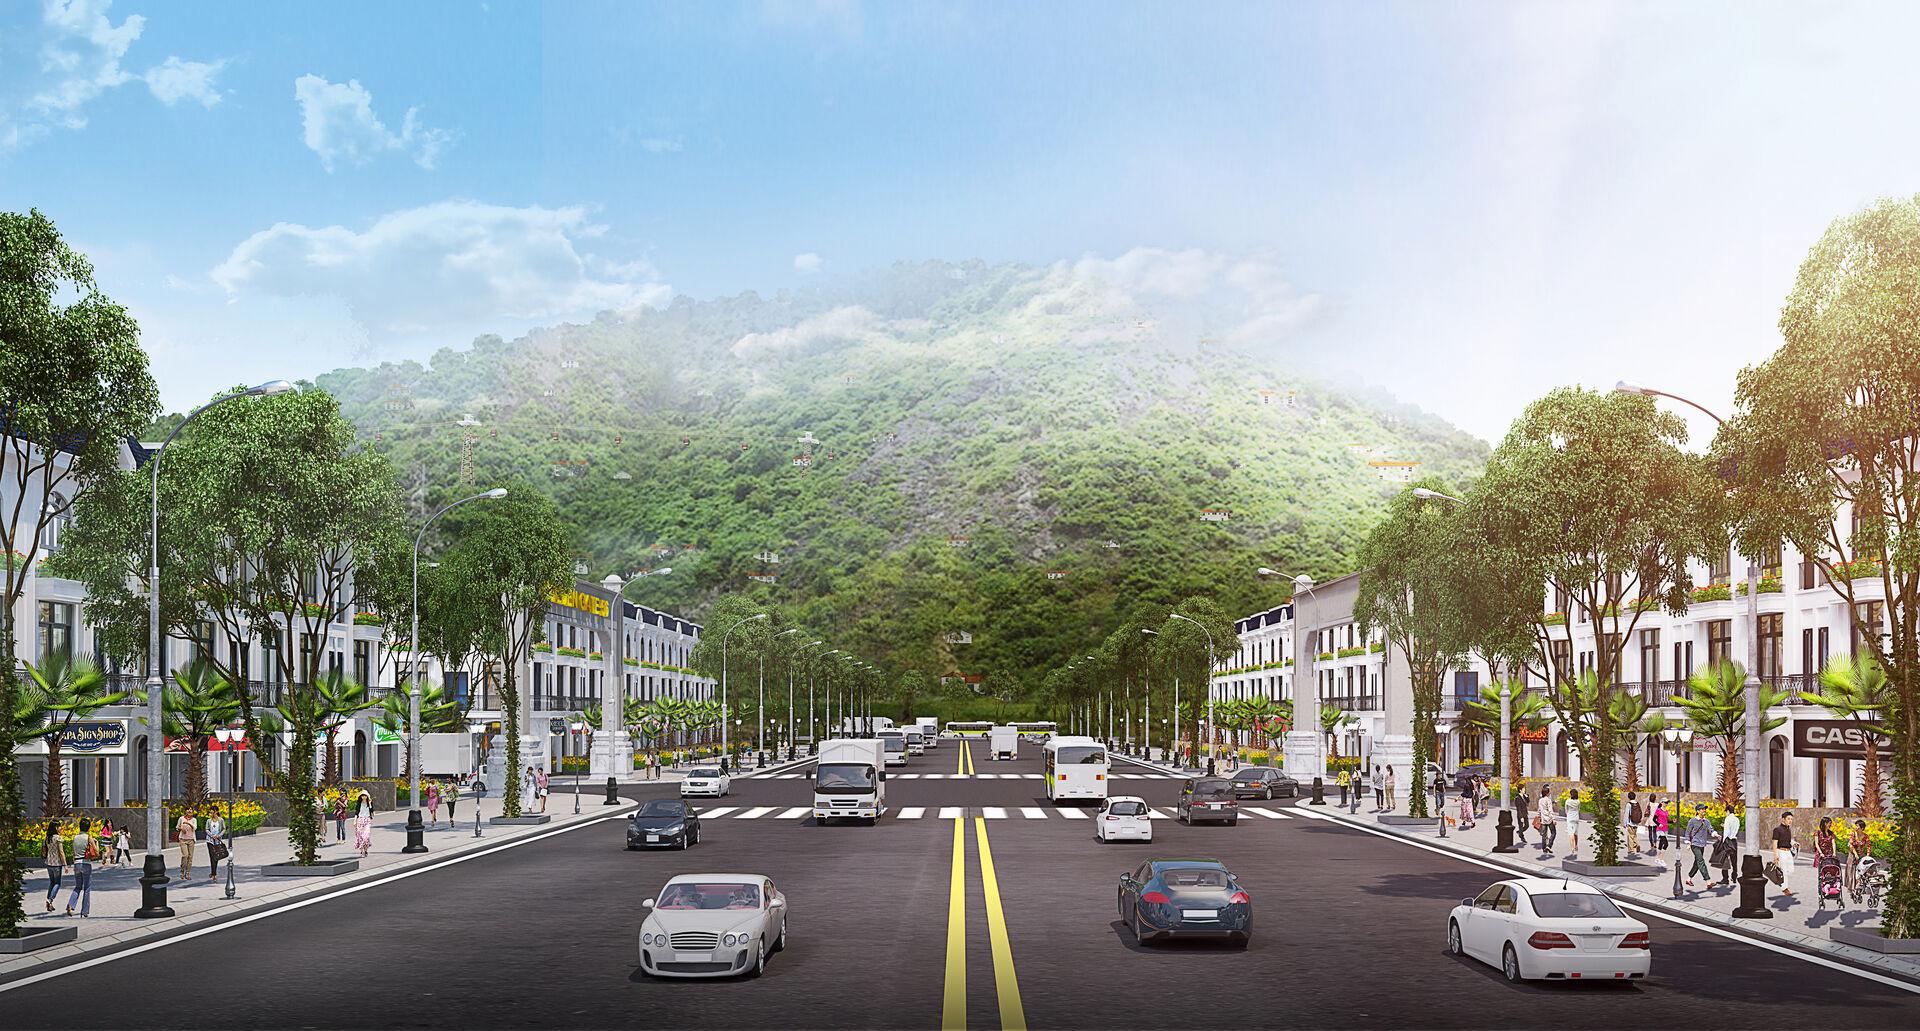 Cơ hội đầu tư Đất nền mặt biển có 1 không 2 tại The Seaport Vĩnh Tân tháng 8/2021